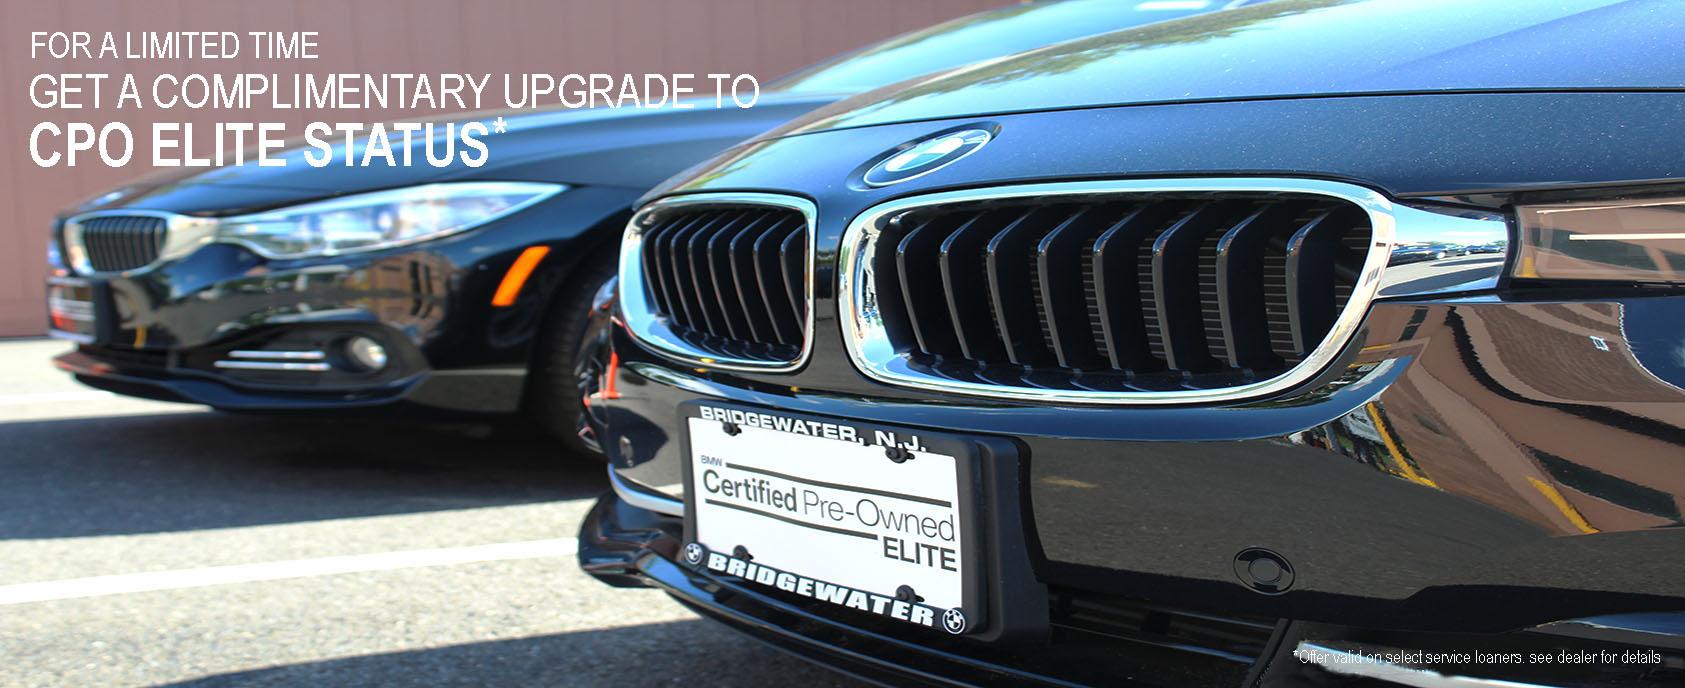 Bmw Cpo Warranty >> Bmw Certified Pre Owned Elite Warranty At Bmw Of Bridgewater